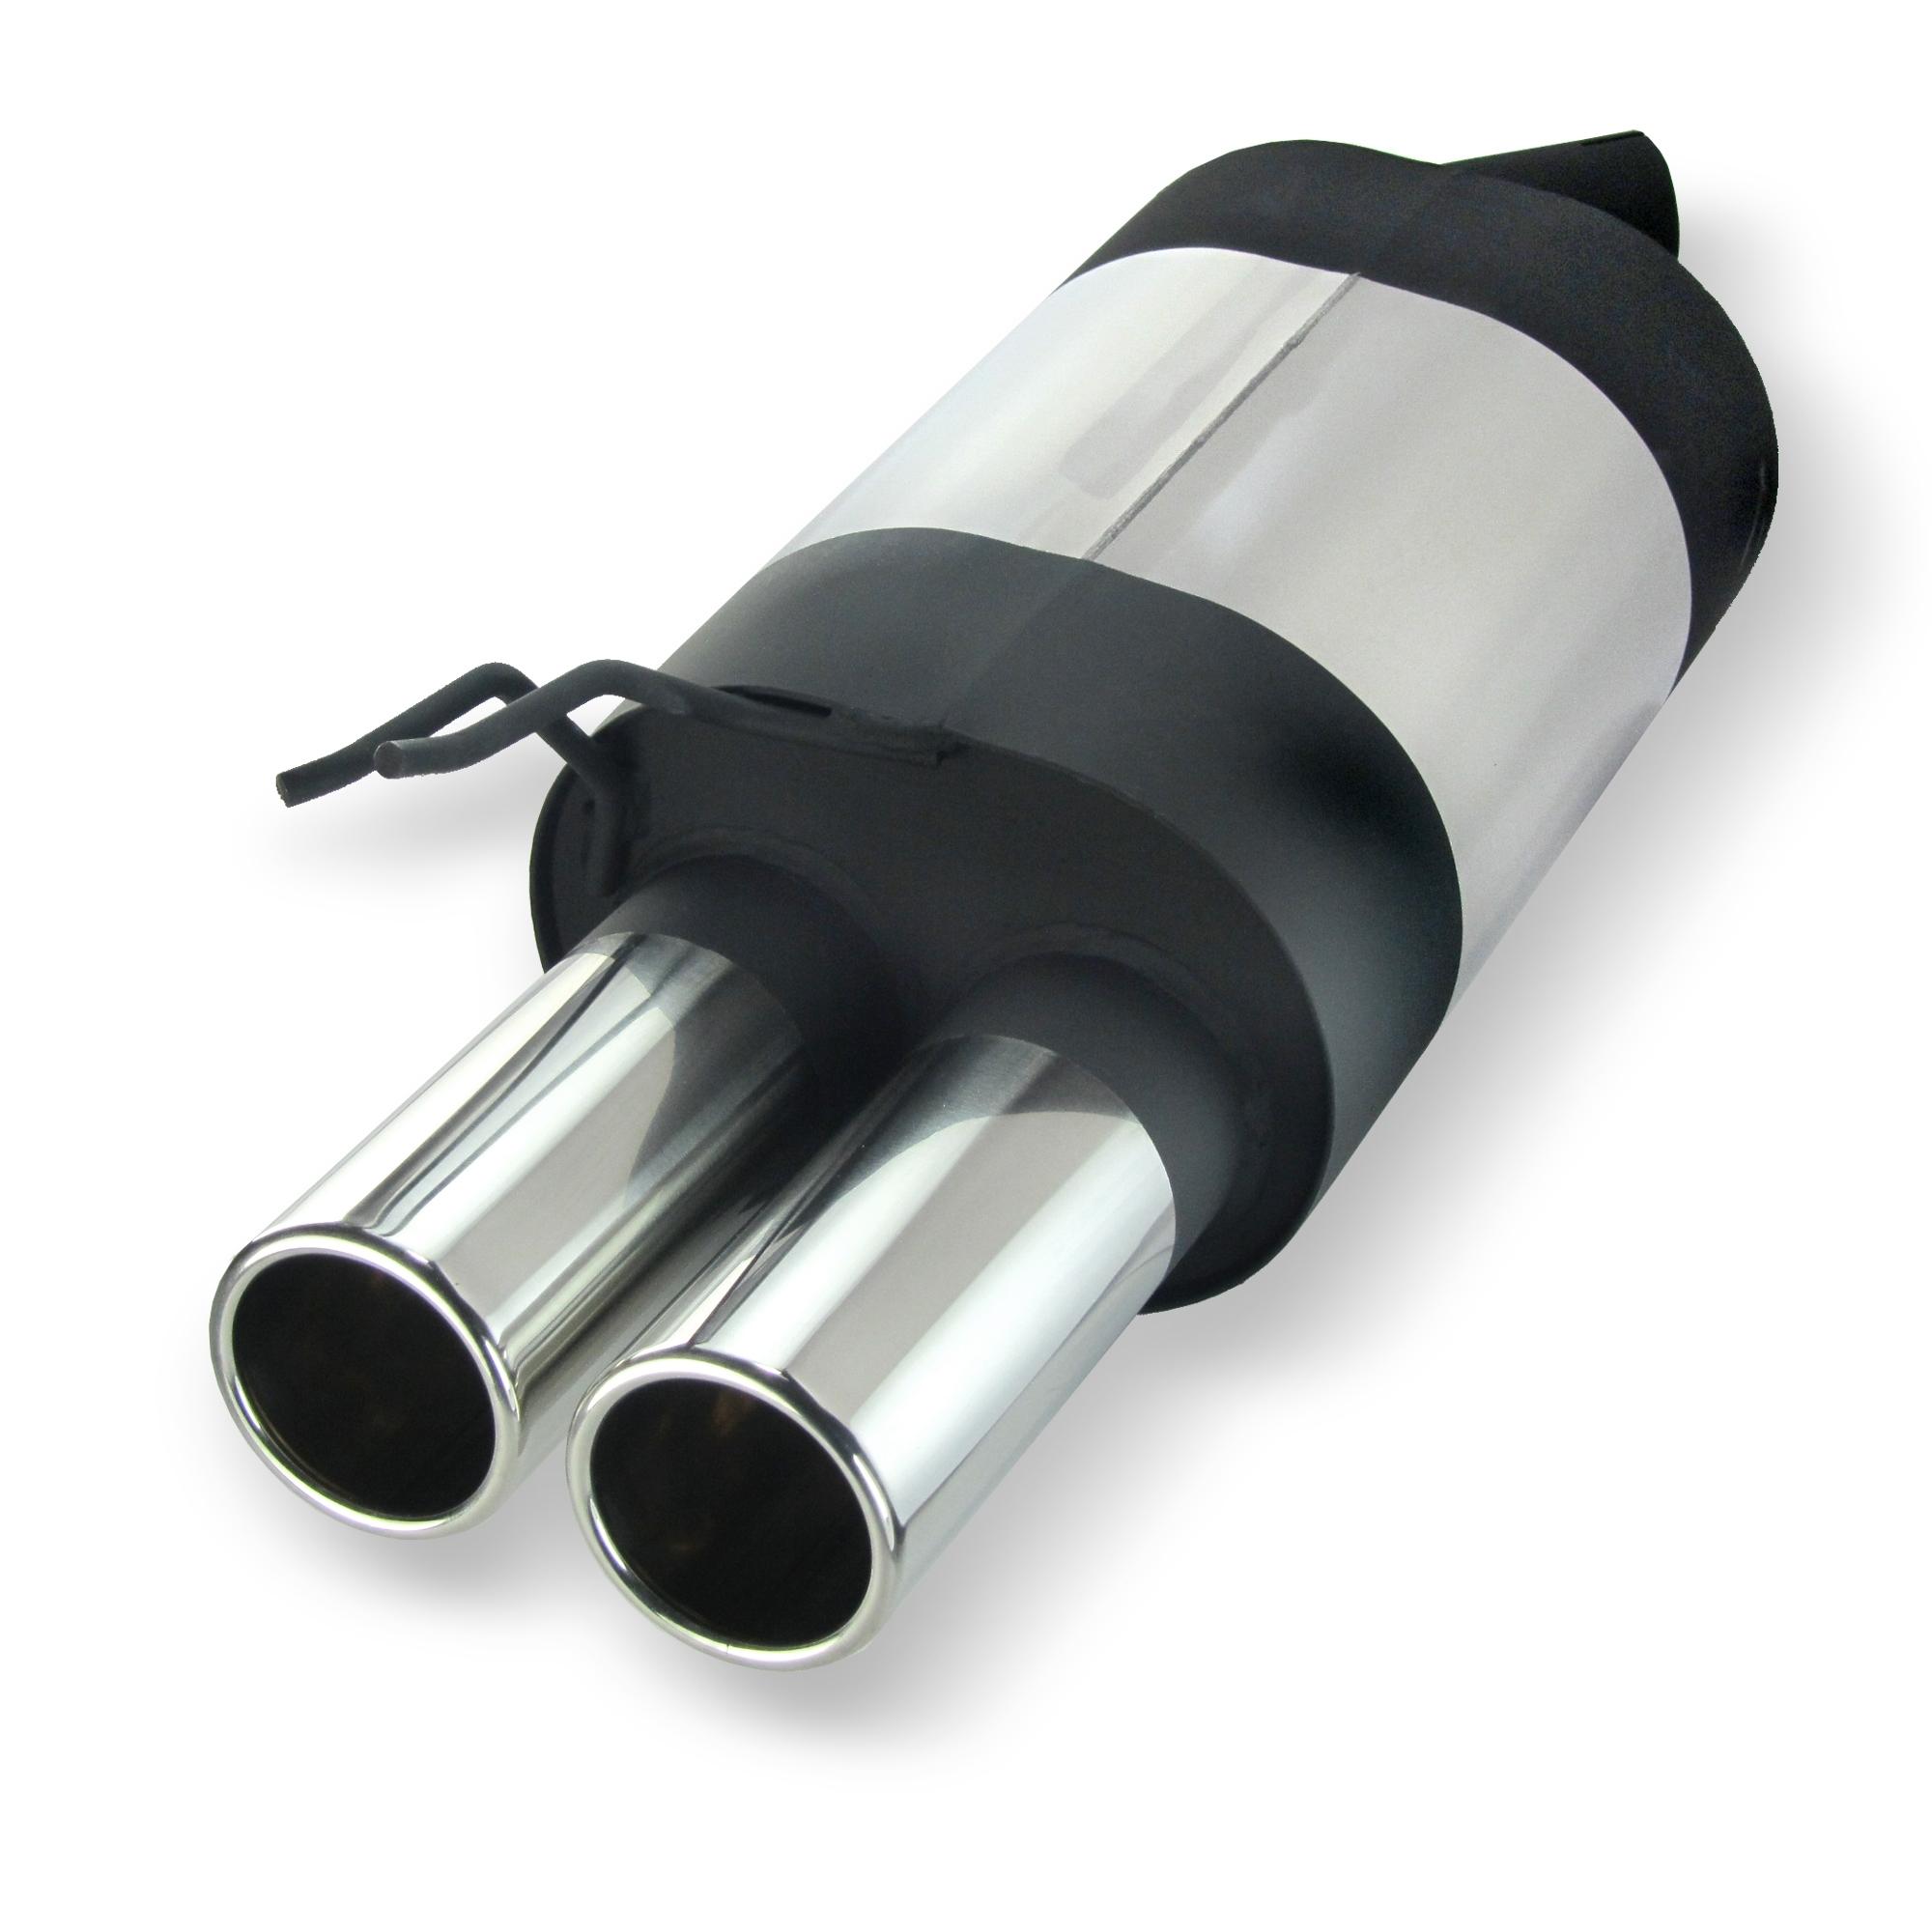 JOM Bagpotte rustfri stål med 2x76 mm lige afgange. Til Renault Twingo 1 Udvendig tilbehør > Udstødning